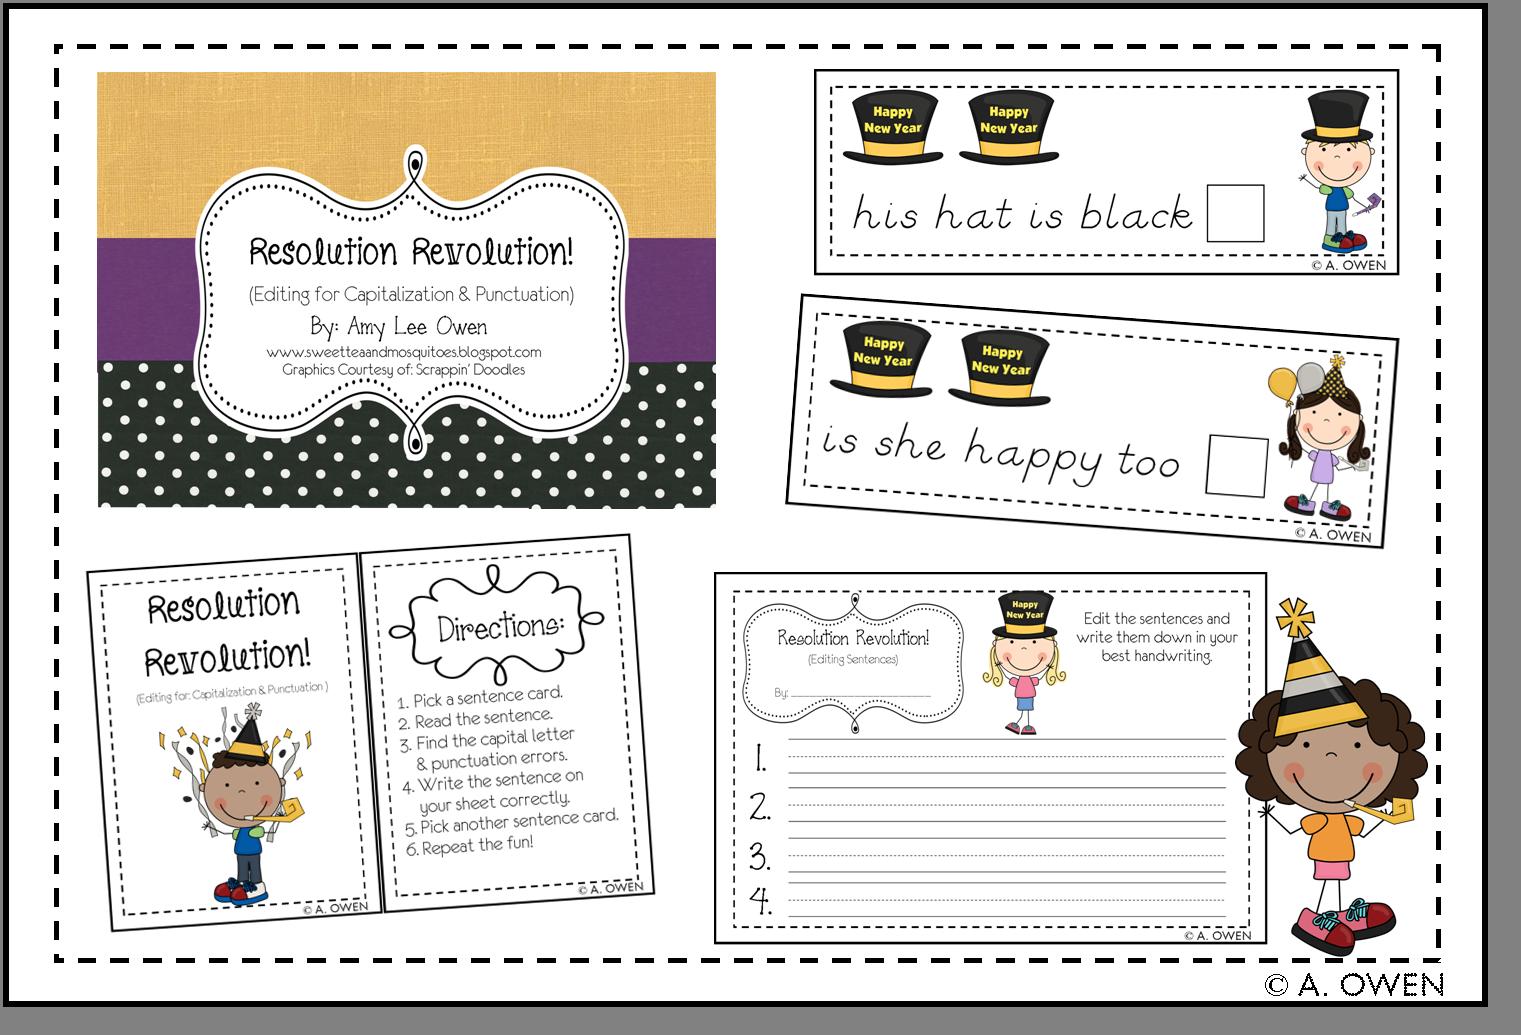 Resolution Revolution Sentence Editing